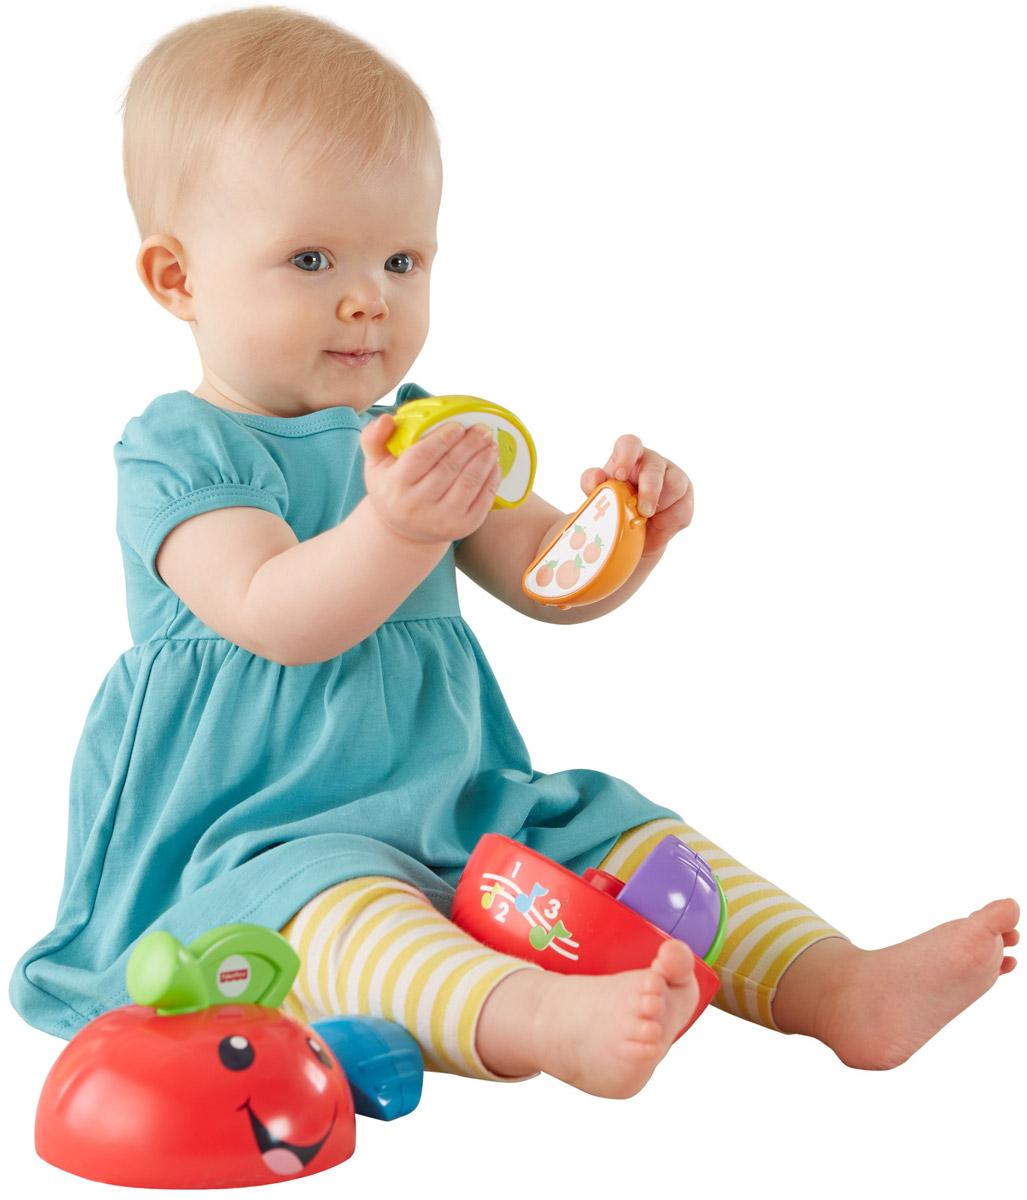 Картинки для малышей до года смотреть онлайн, марта коллегам